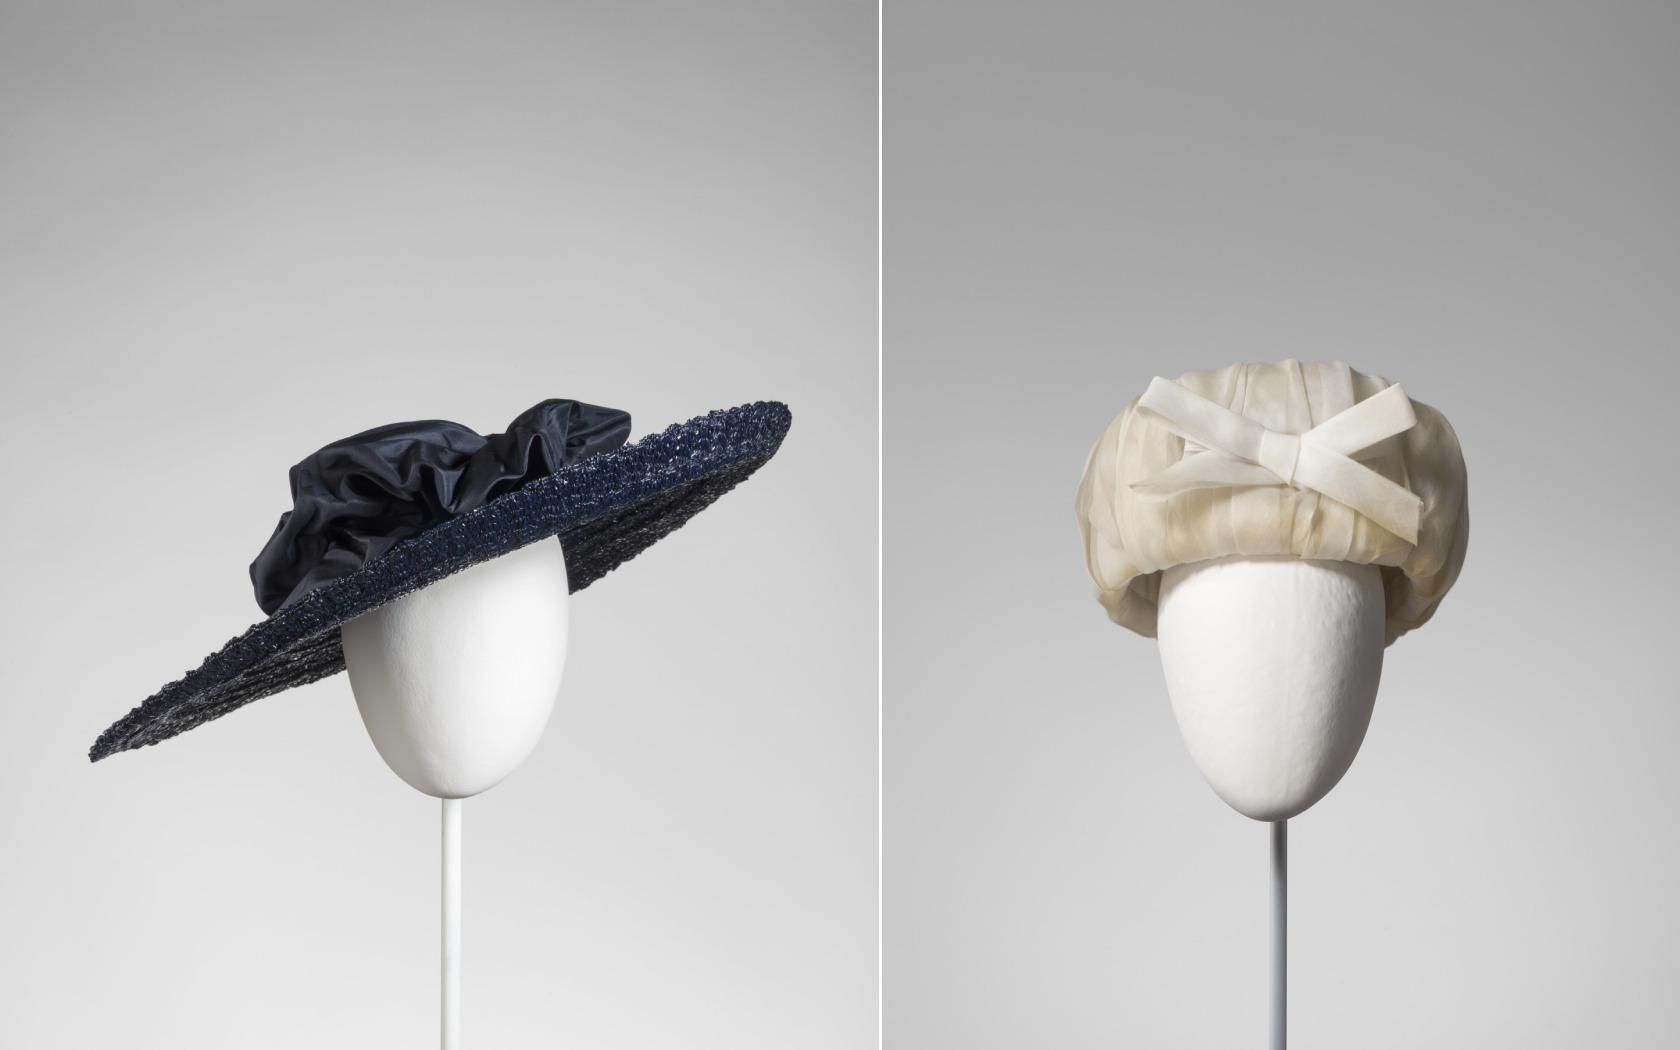 sombreros-Balenciaga-Magazine Horse. Recomendaciones arte y diseño